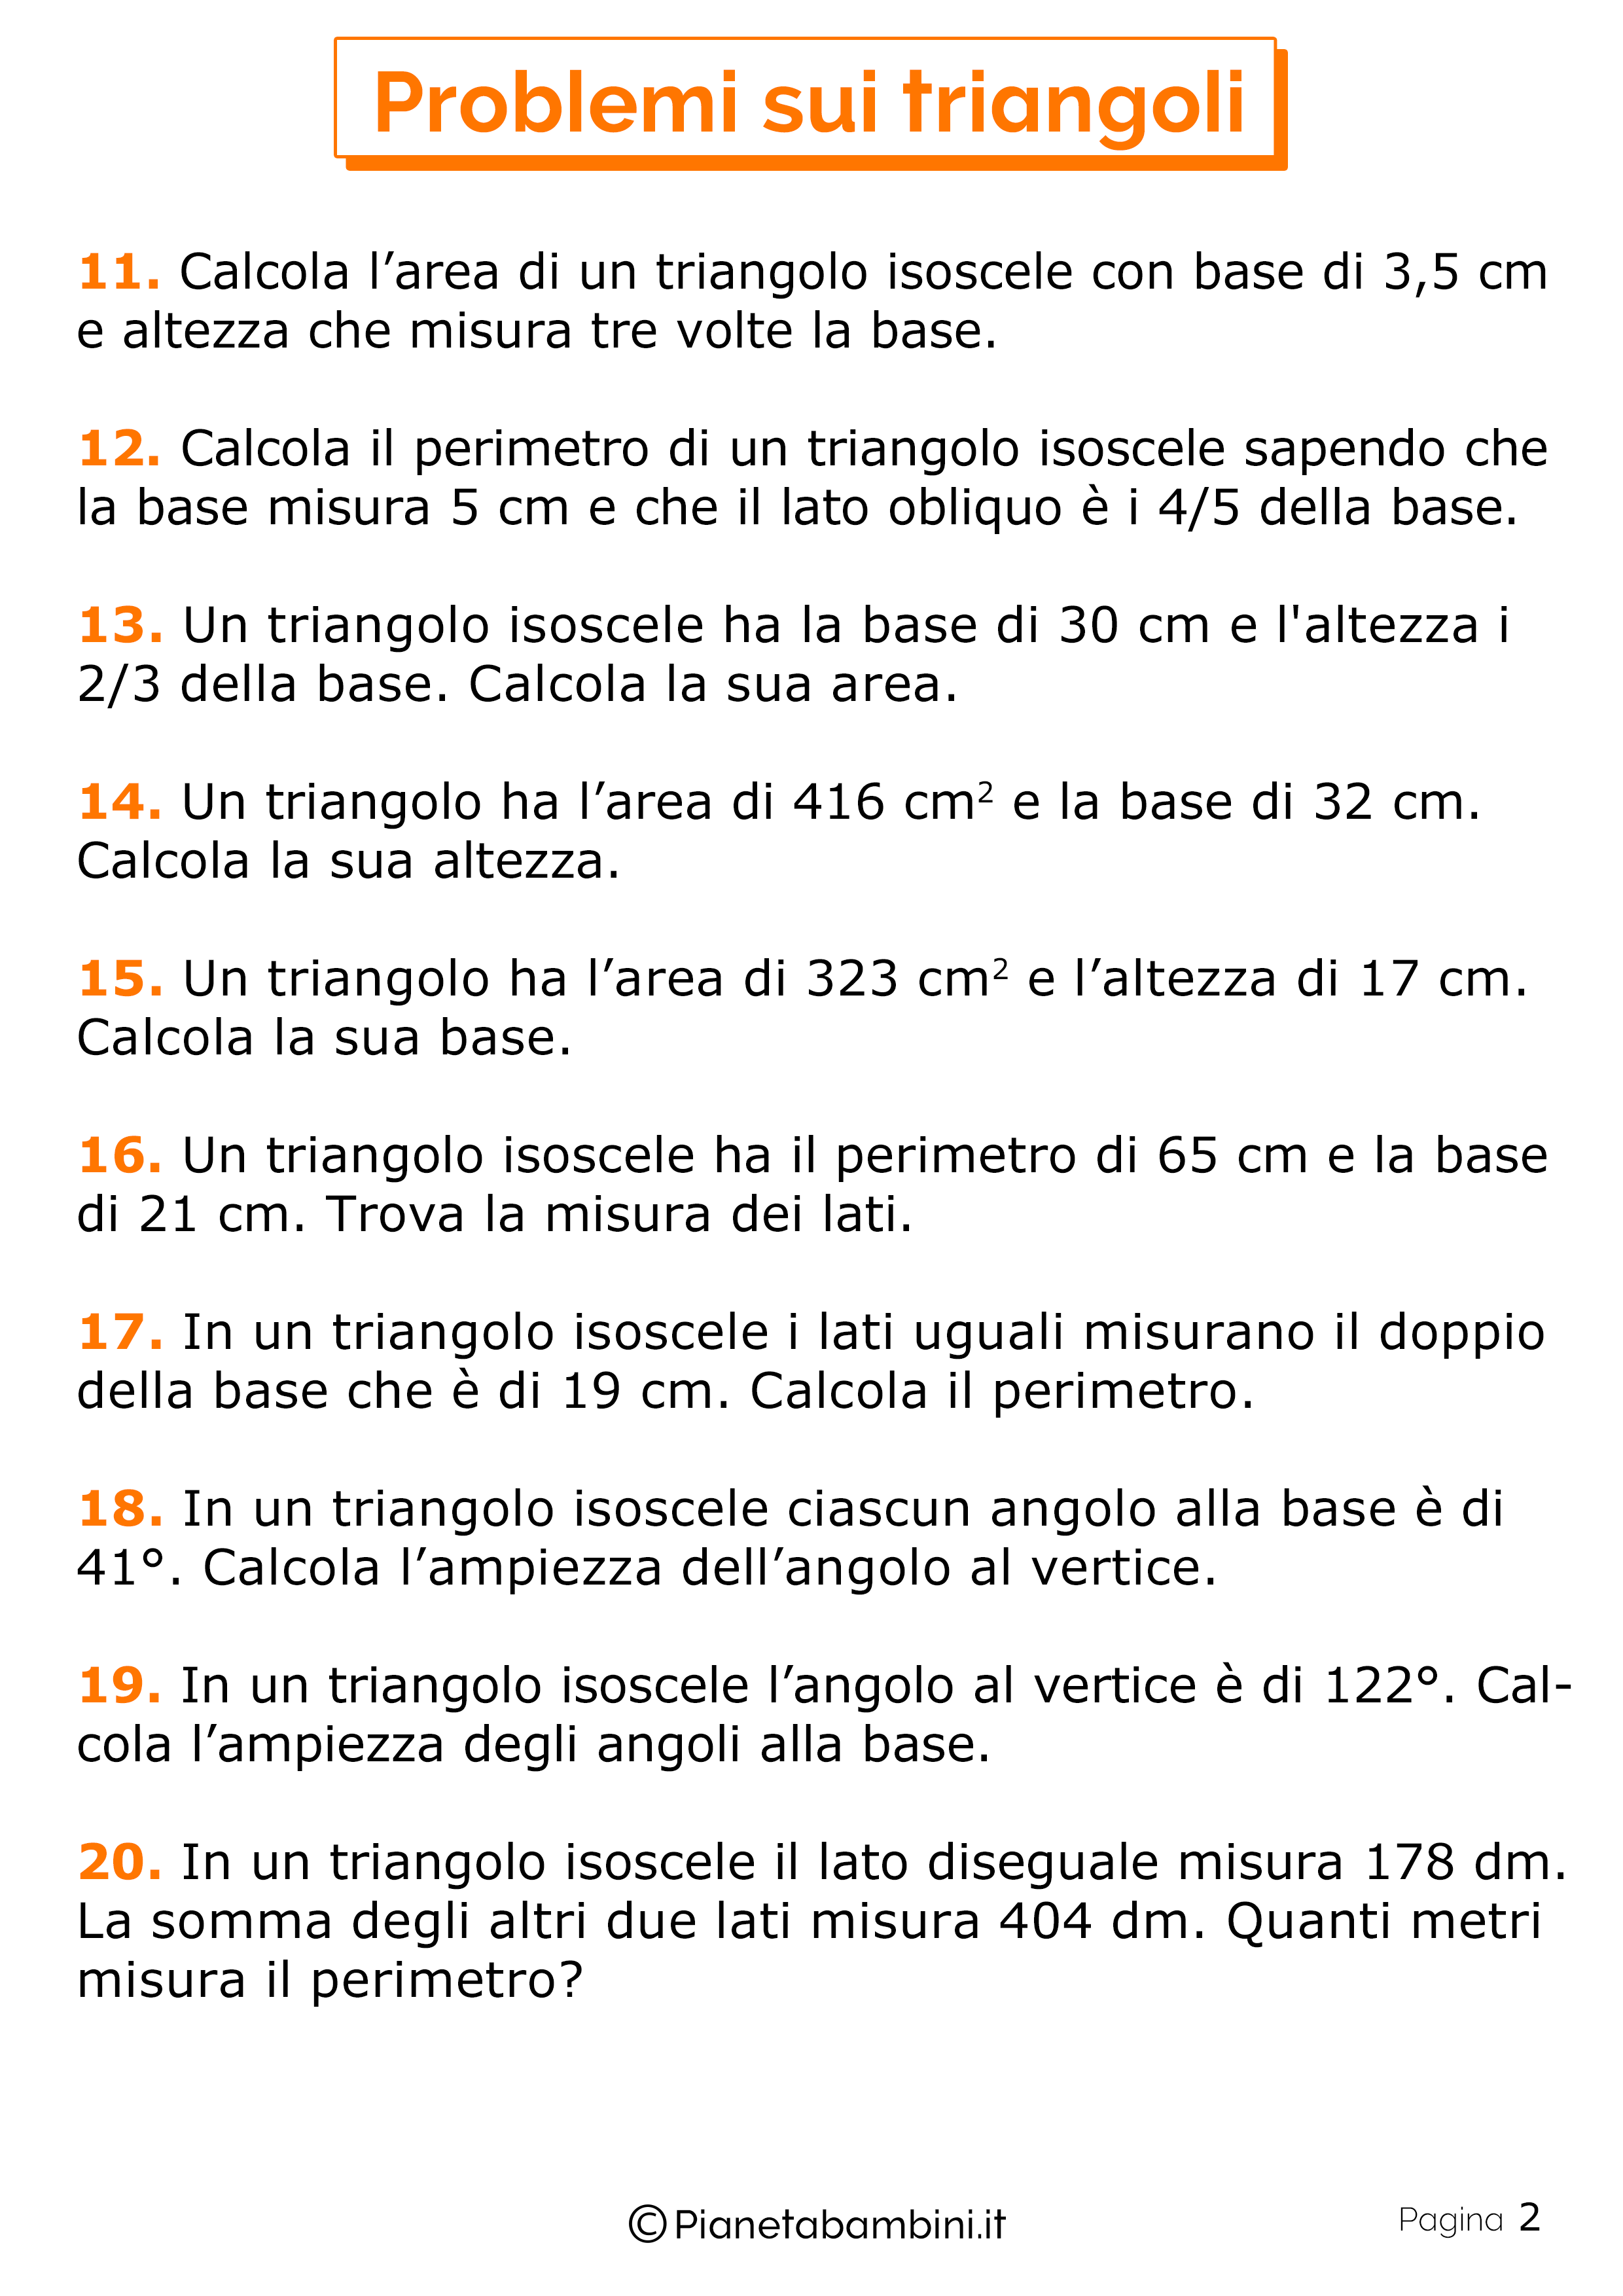 25 Problemi Sui Triangoli Per La Scuola Primaria Pianetabambiniit